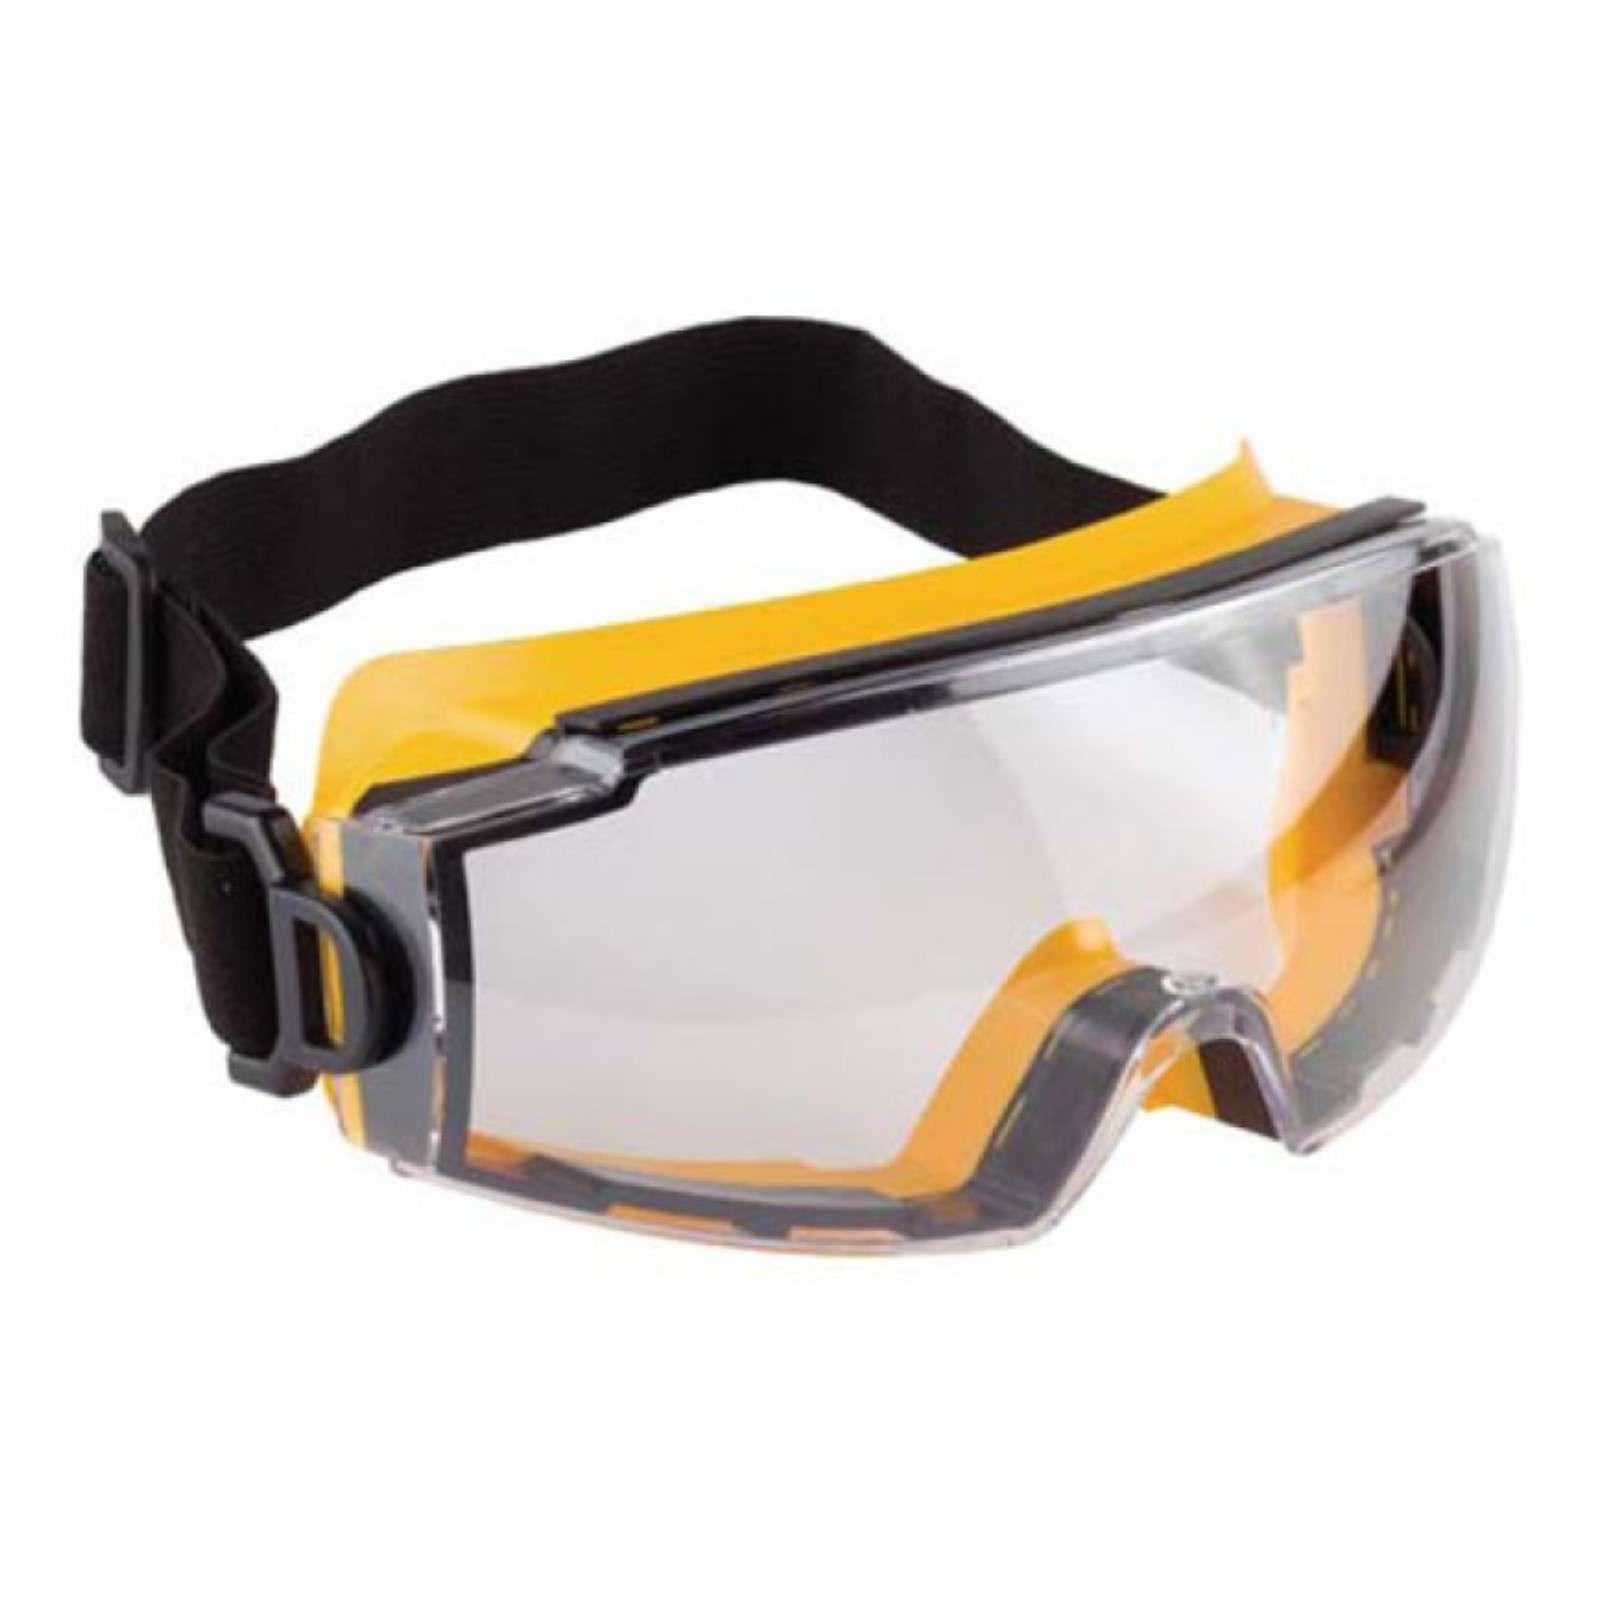 """Очки STAYER """"PROFI"""" защитные с непрямой вентиляцией со сферической линзой, линза поликарбонатная, двухкомпонентная оправа"""